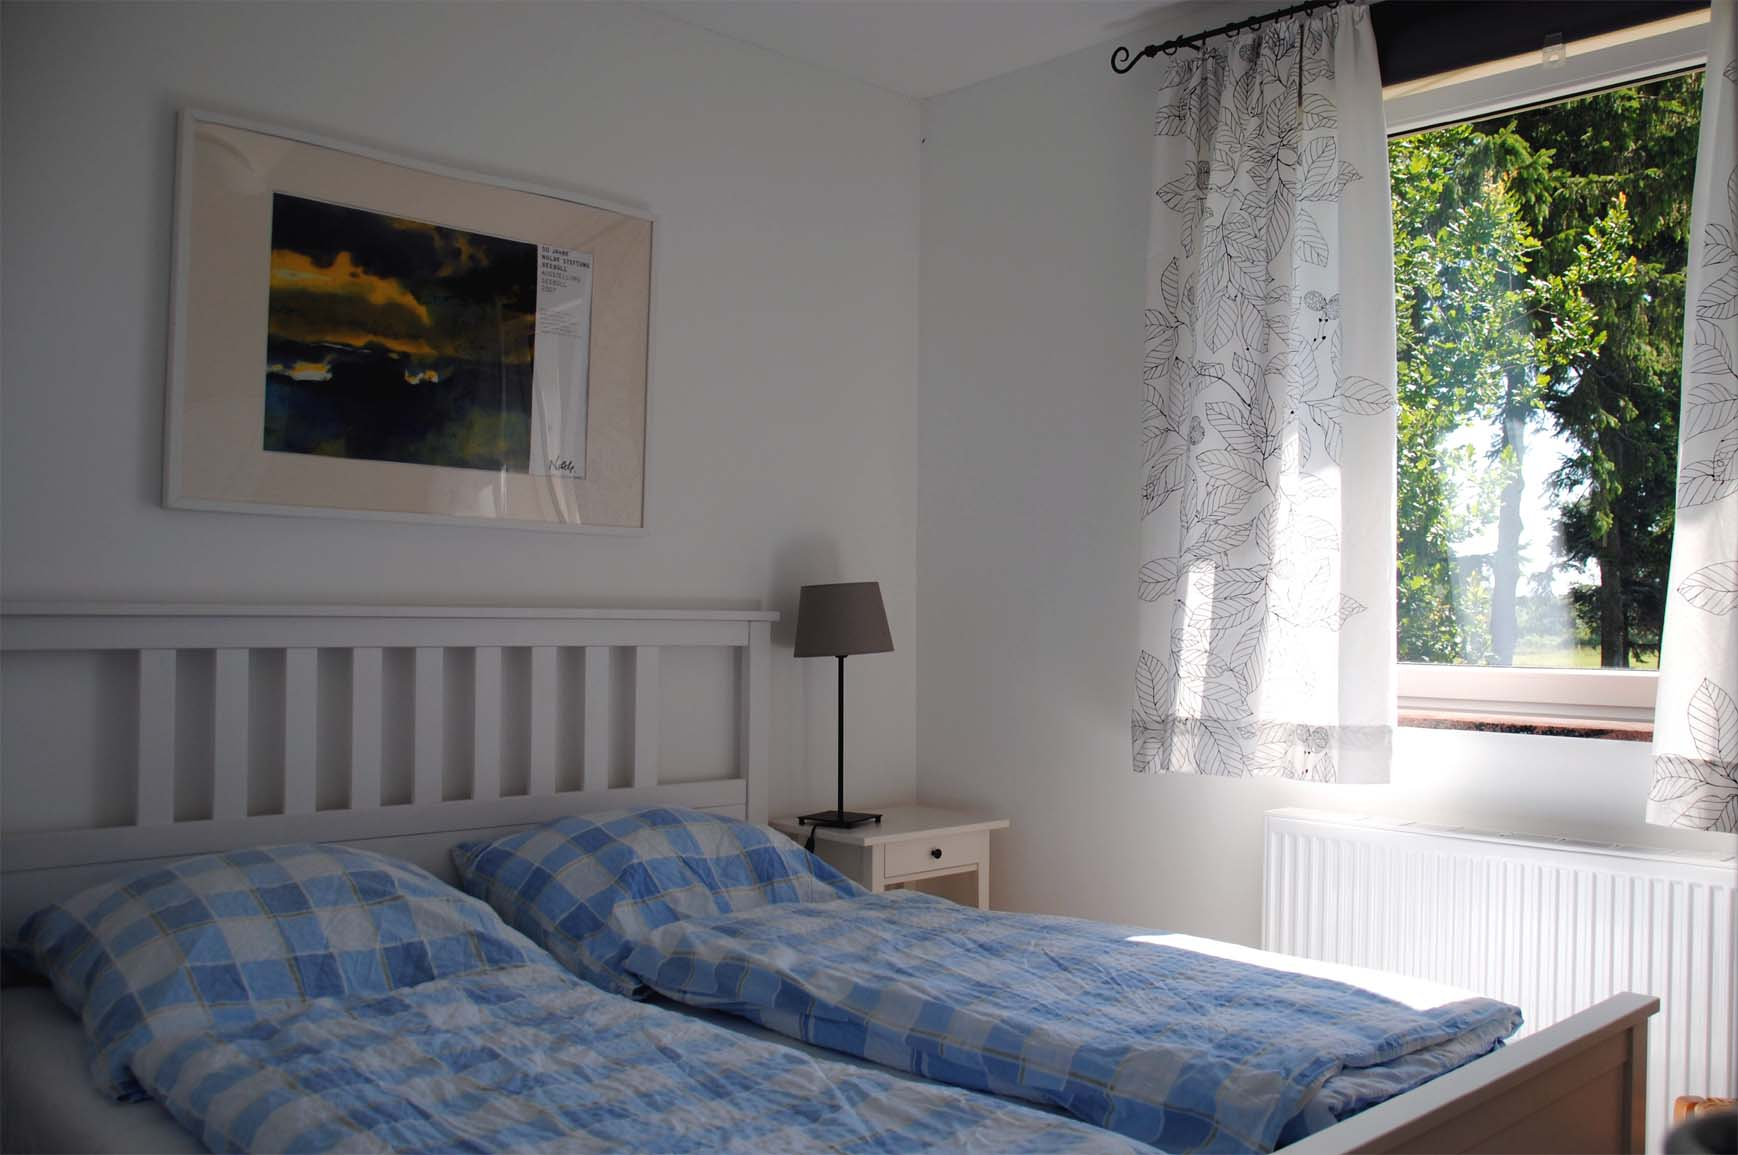 Ferienhaus Meeresbrise - Schlafzimmer